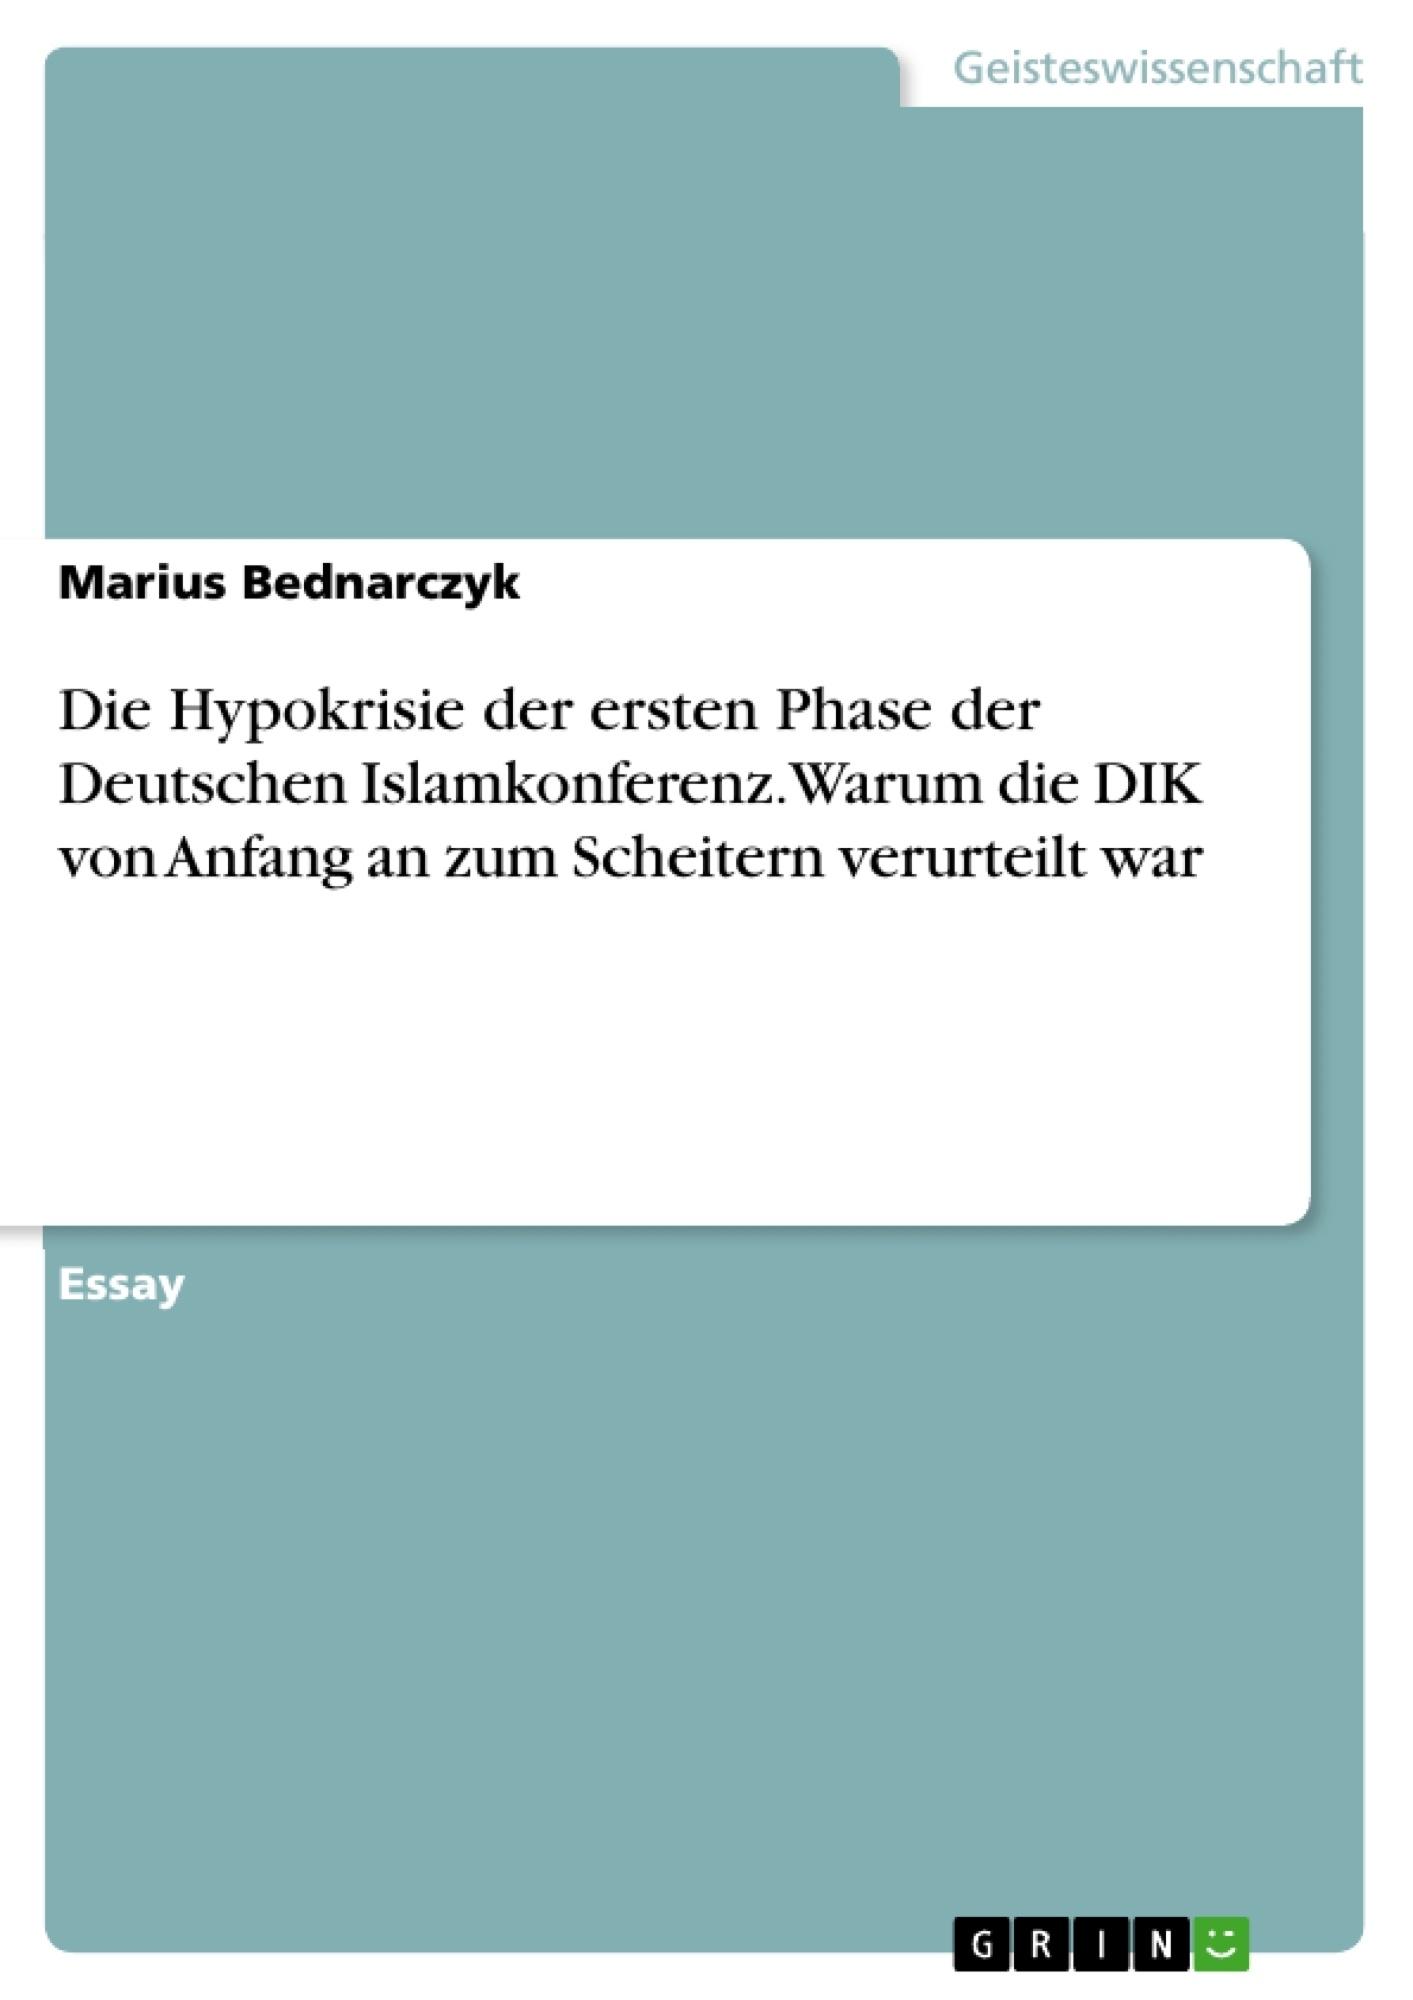 Titel: Die Hypokrisie der ersten Phase der Deutschen Islamkonferenz. Warum die DIK von Anfang an zum Scheitern verurteilt war